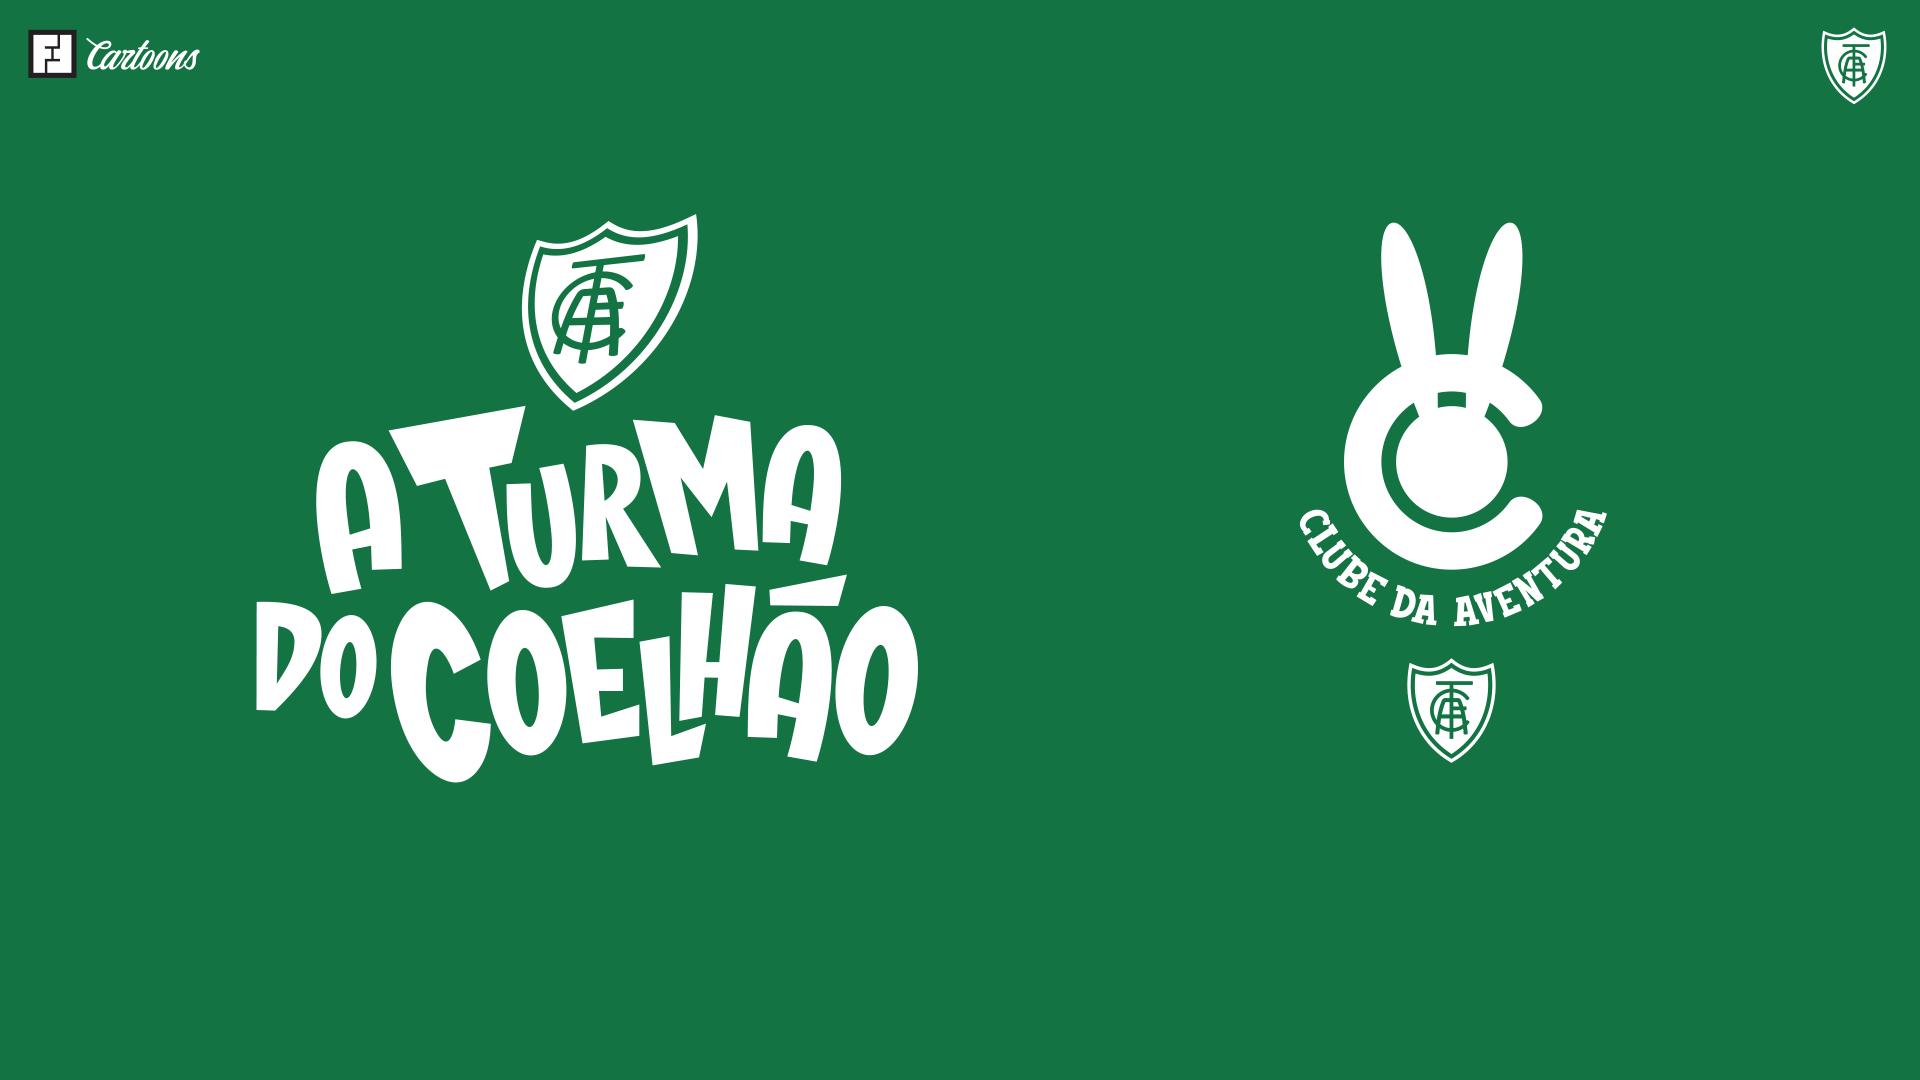 """Logos """"A Turma do Coelhão"""" e """"Clube da Aventura"""""""